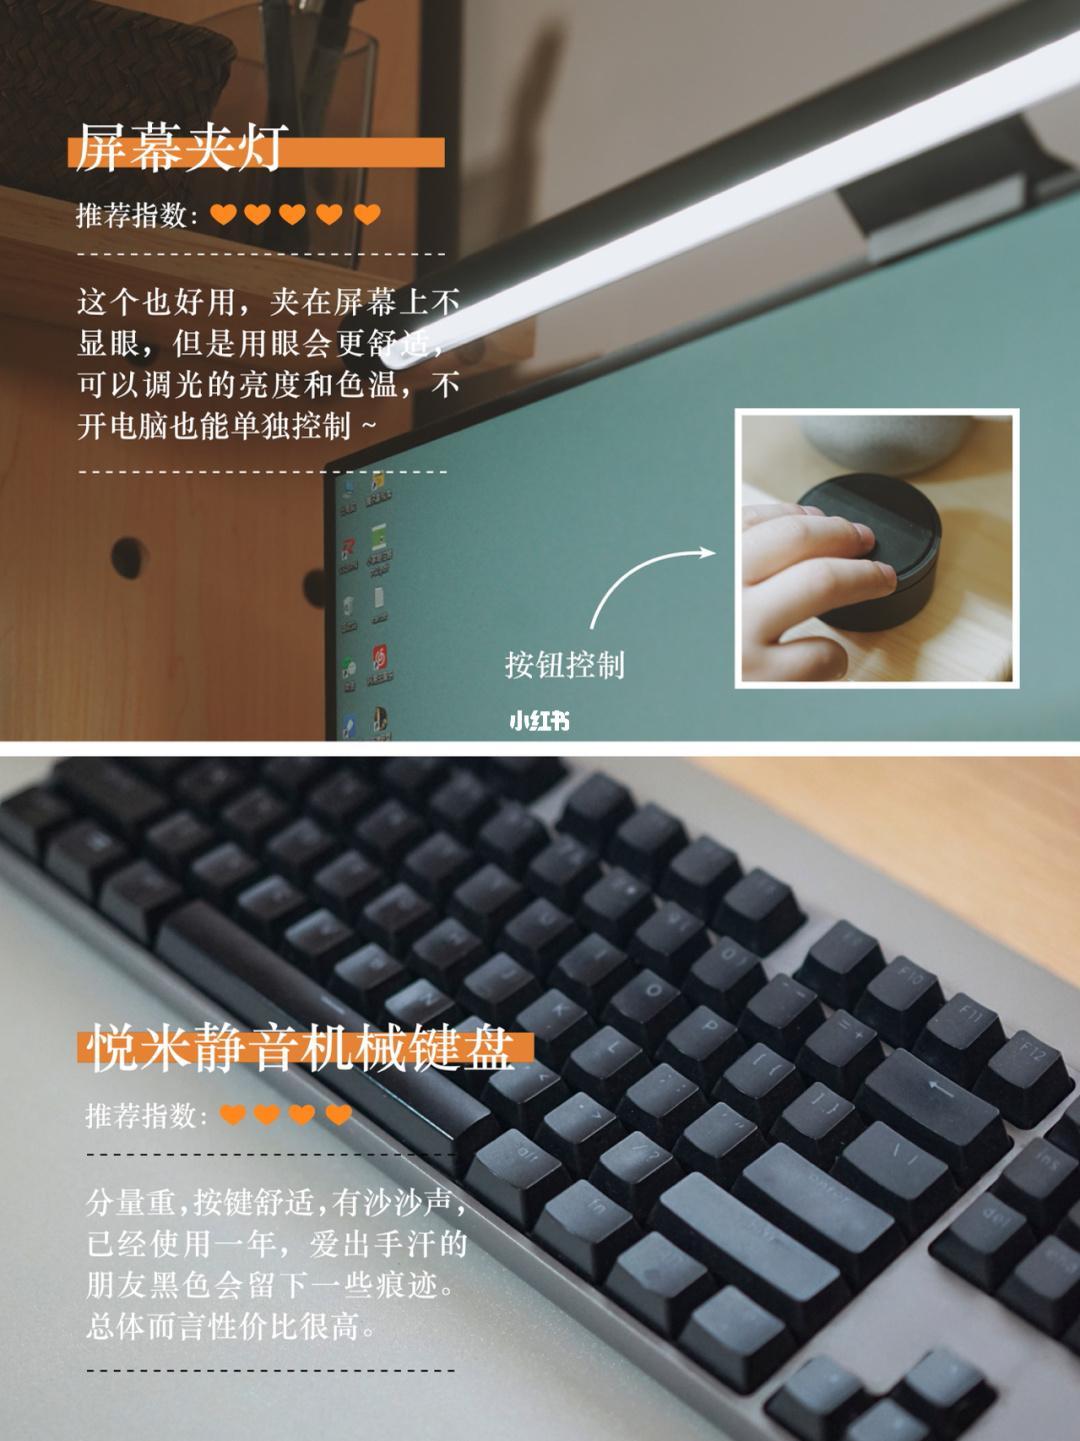 好用的小米产品_okjer.com